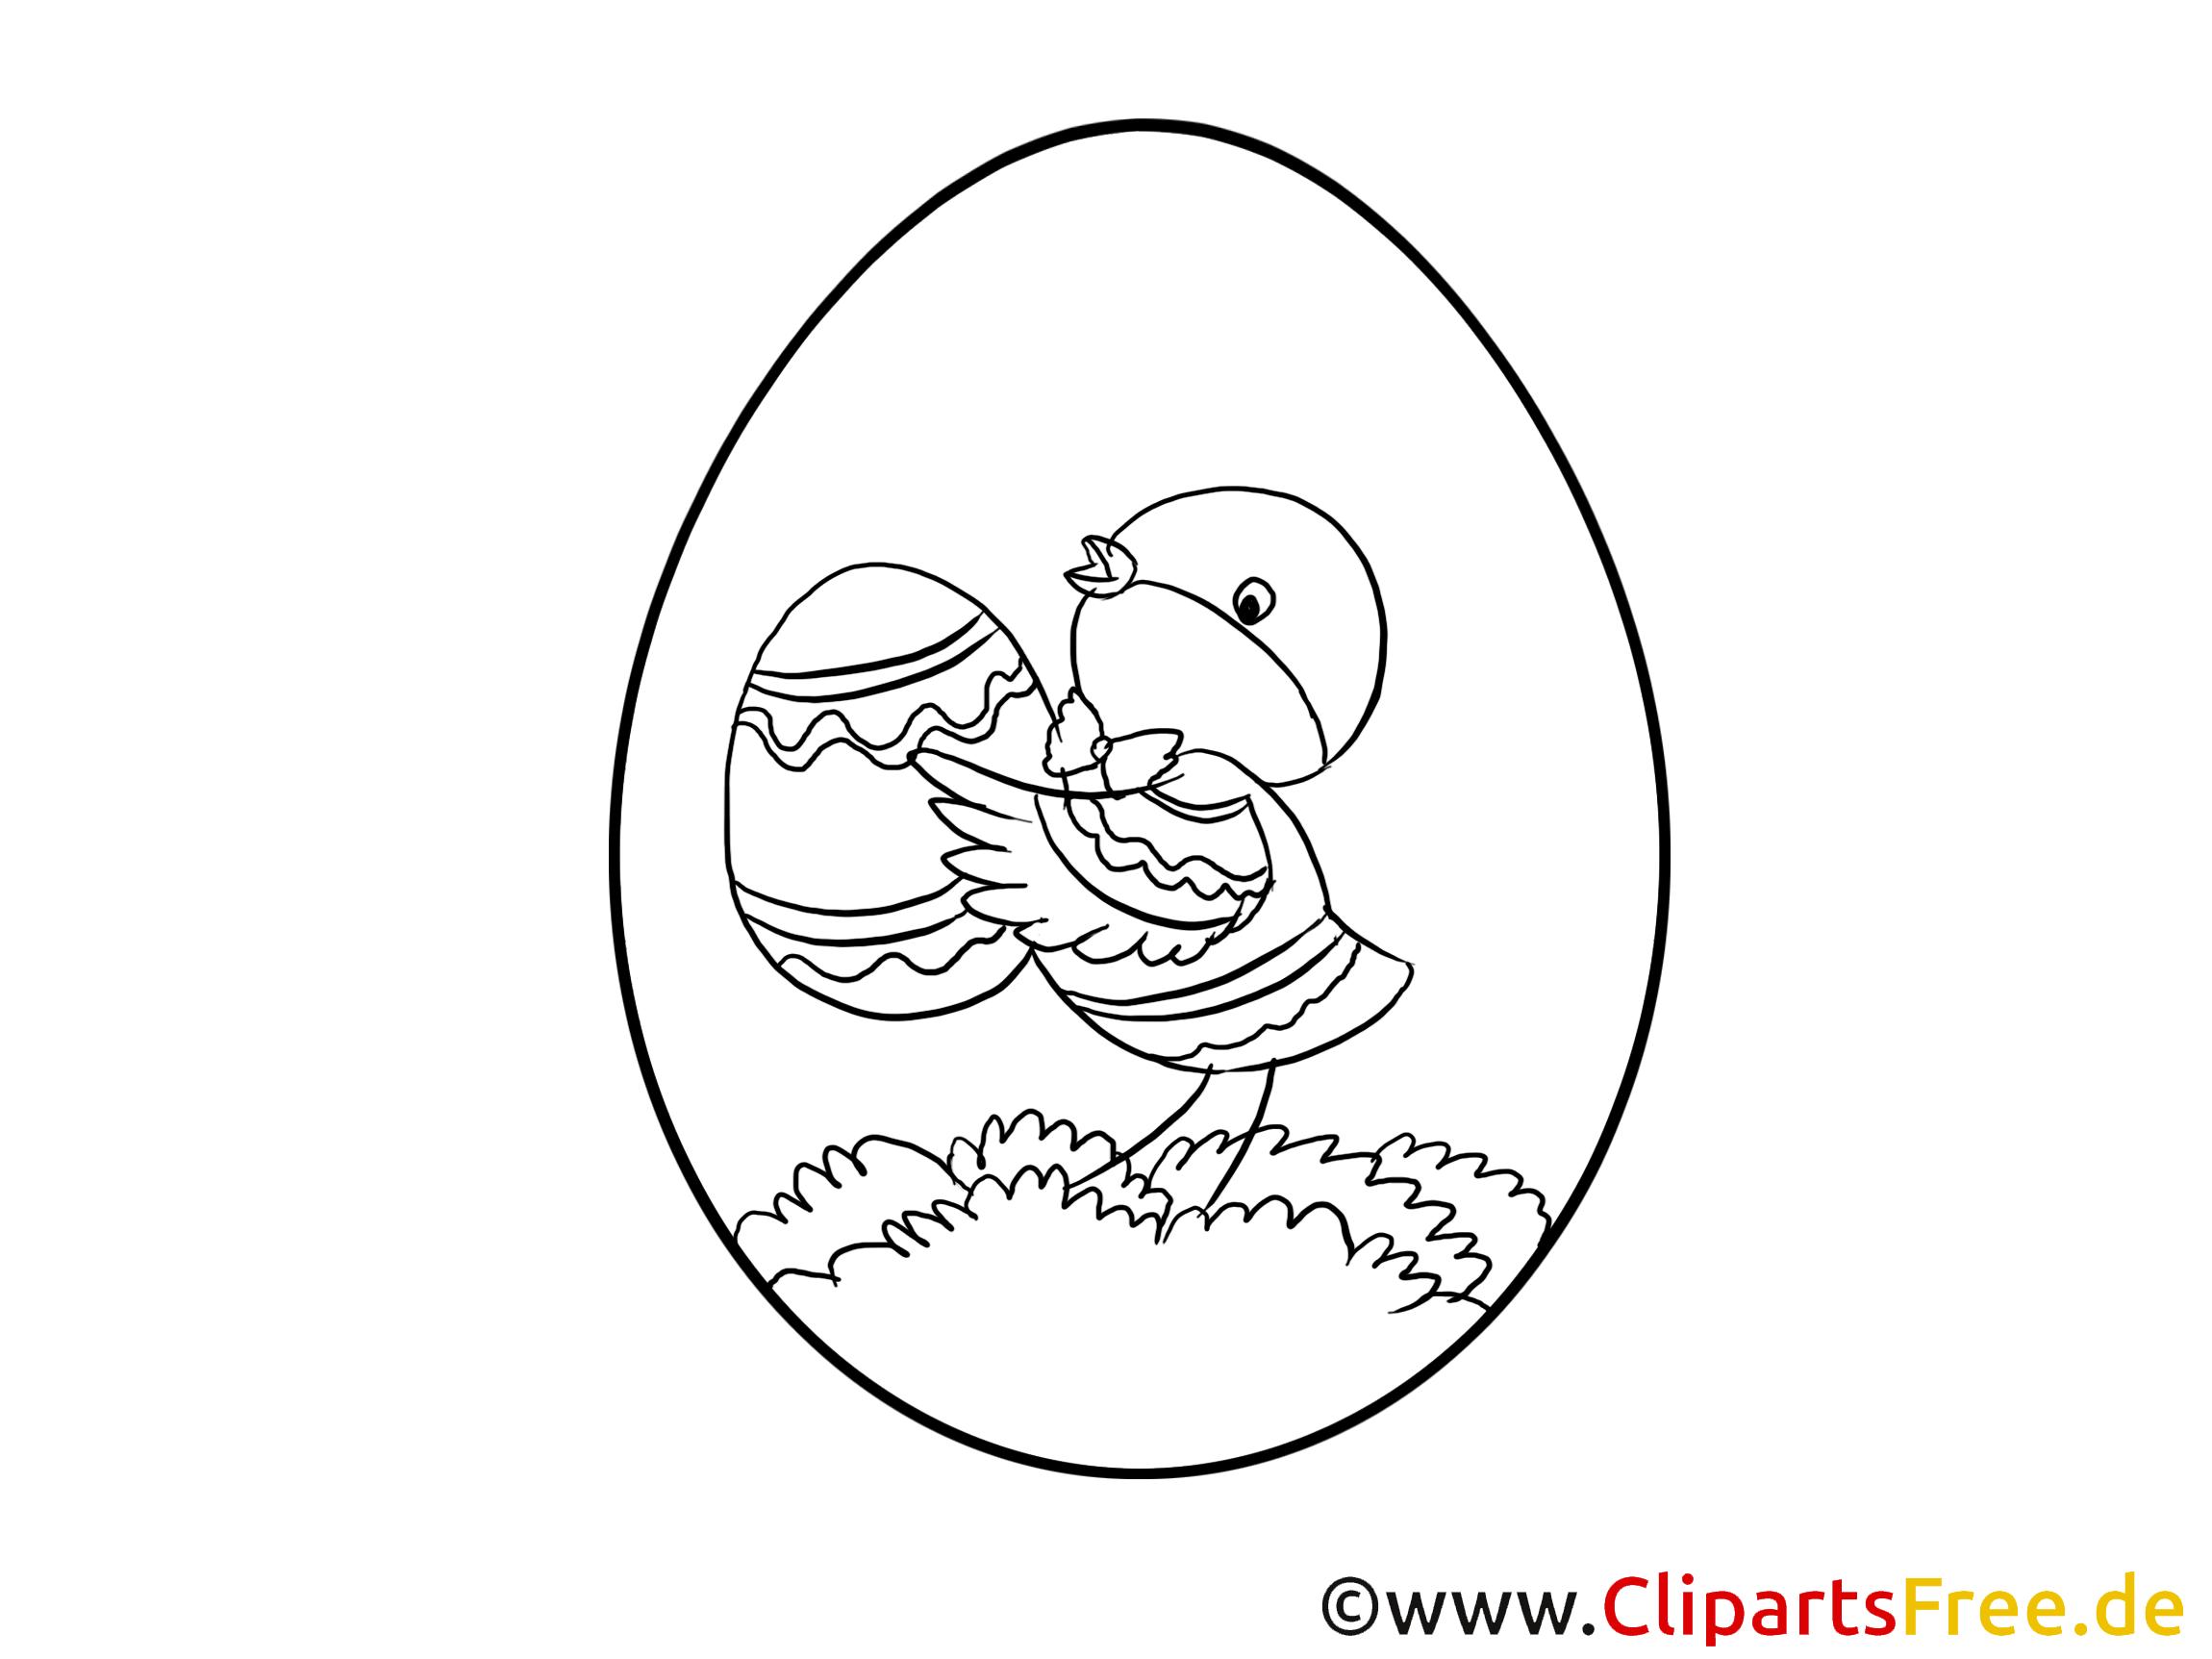 Ausmalbilder zum Drucken zu Ostern